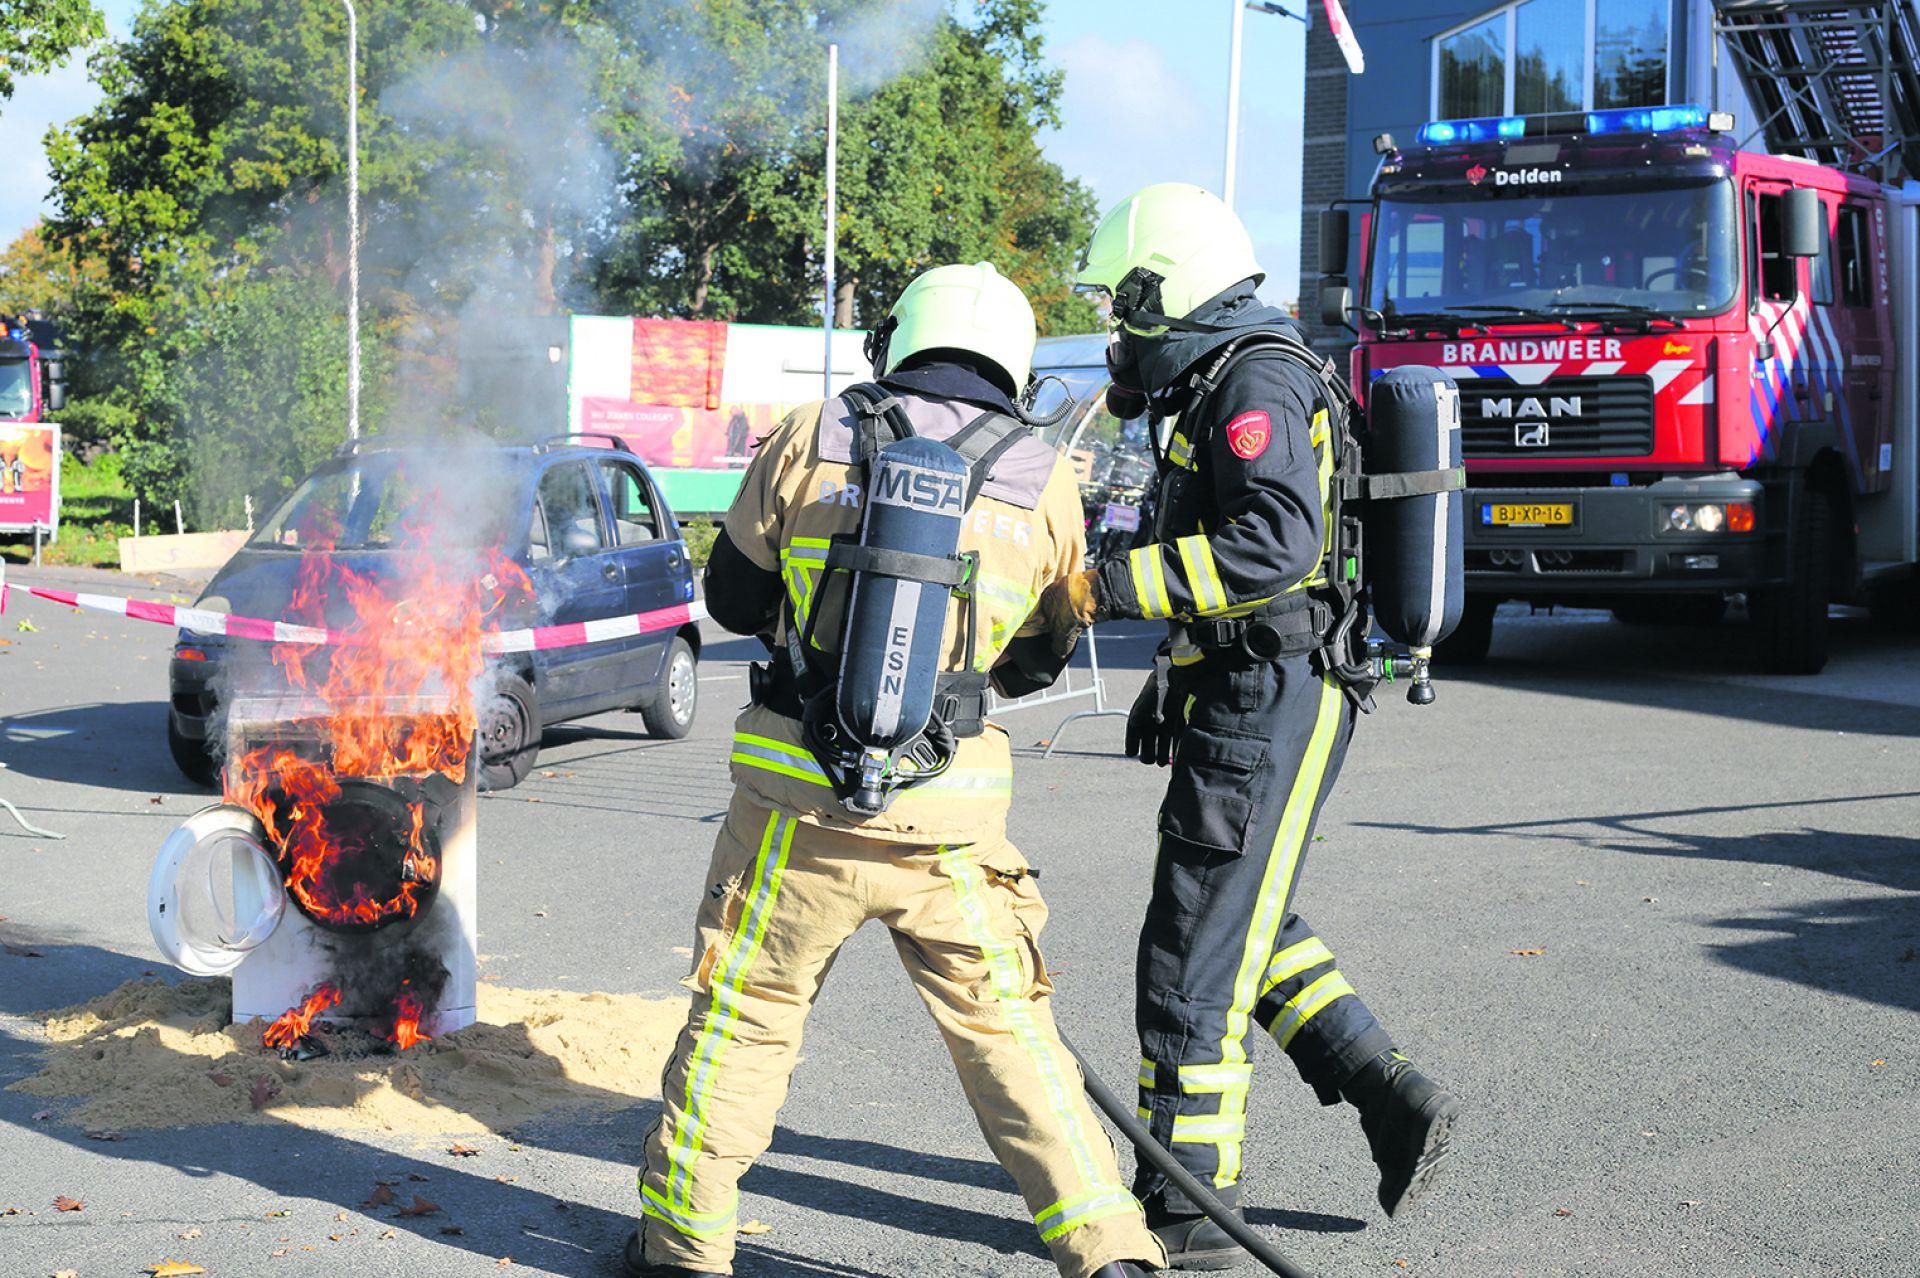 Brandweer Delden op zoekt naar versterking